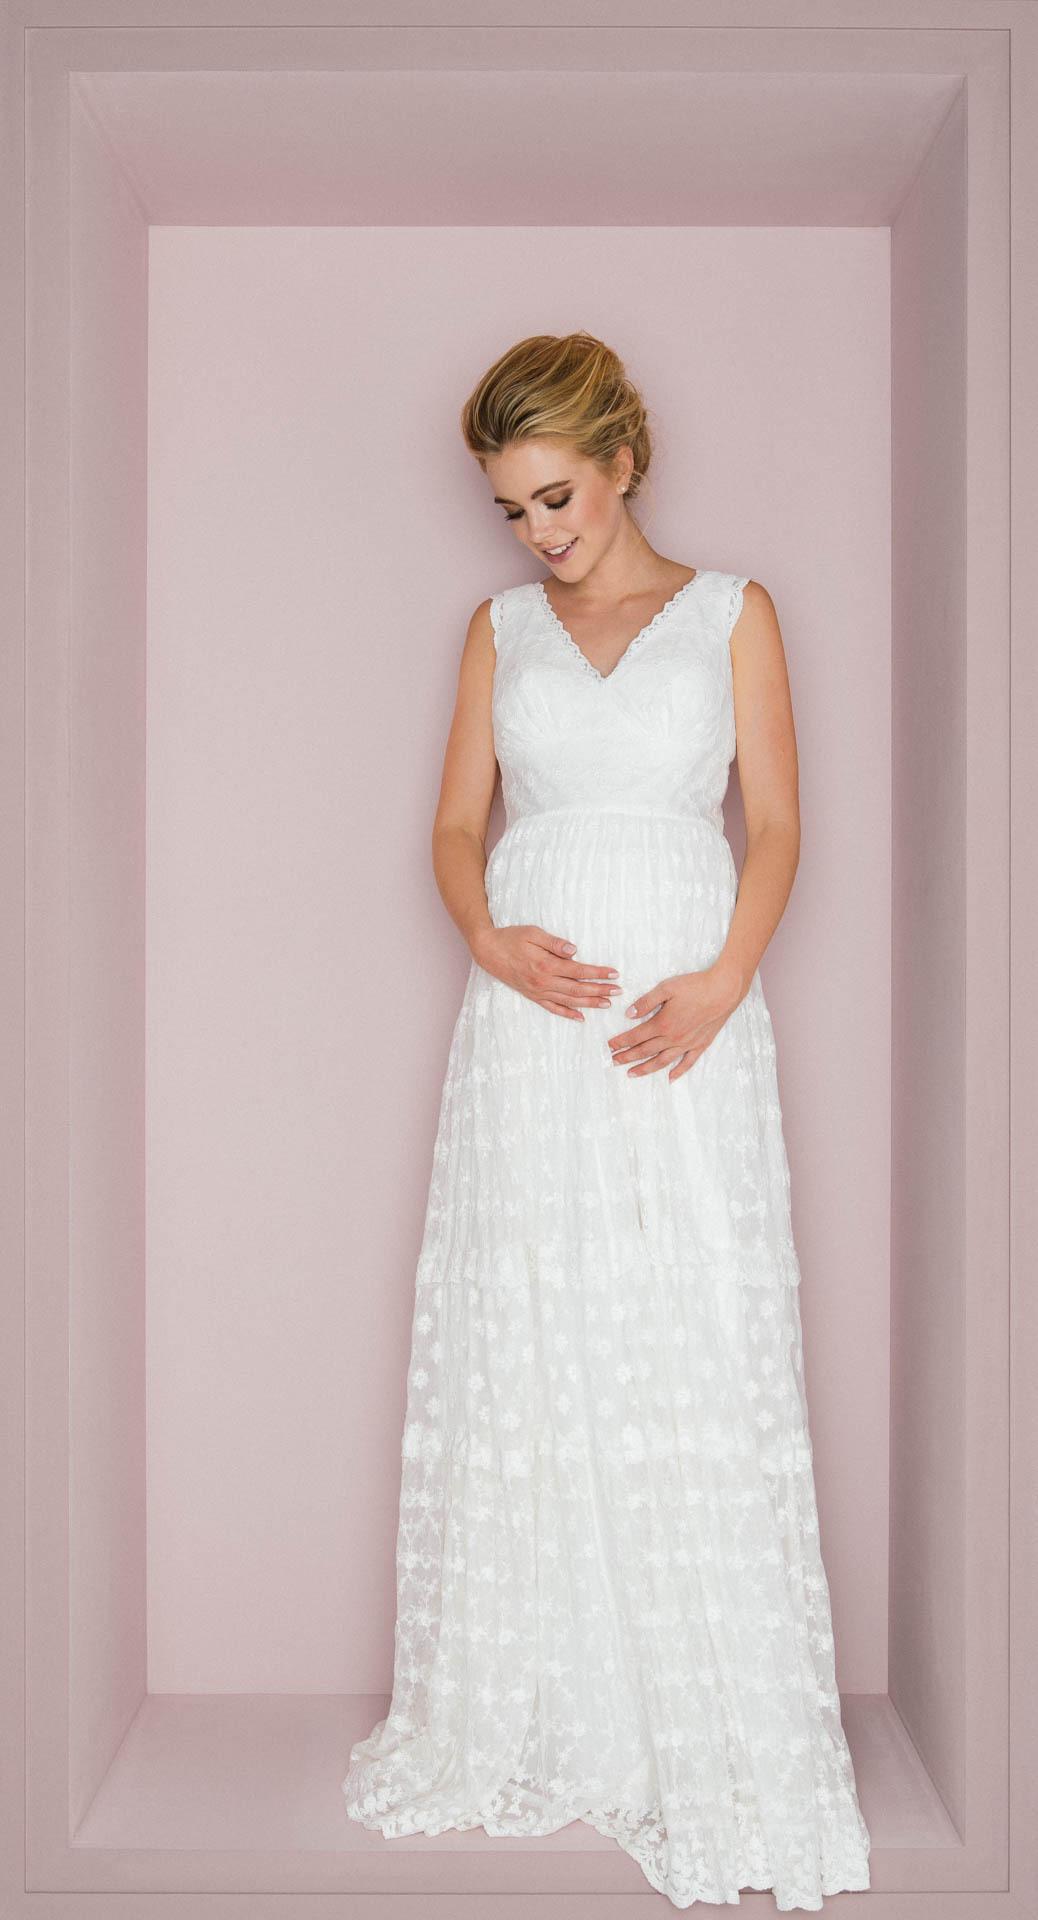 Brautkleider Für Schwangere Bei Kuessdiebraut Erleben